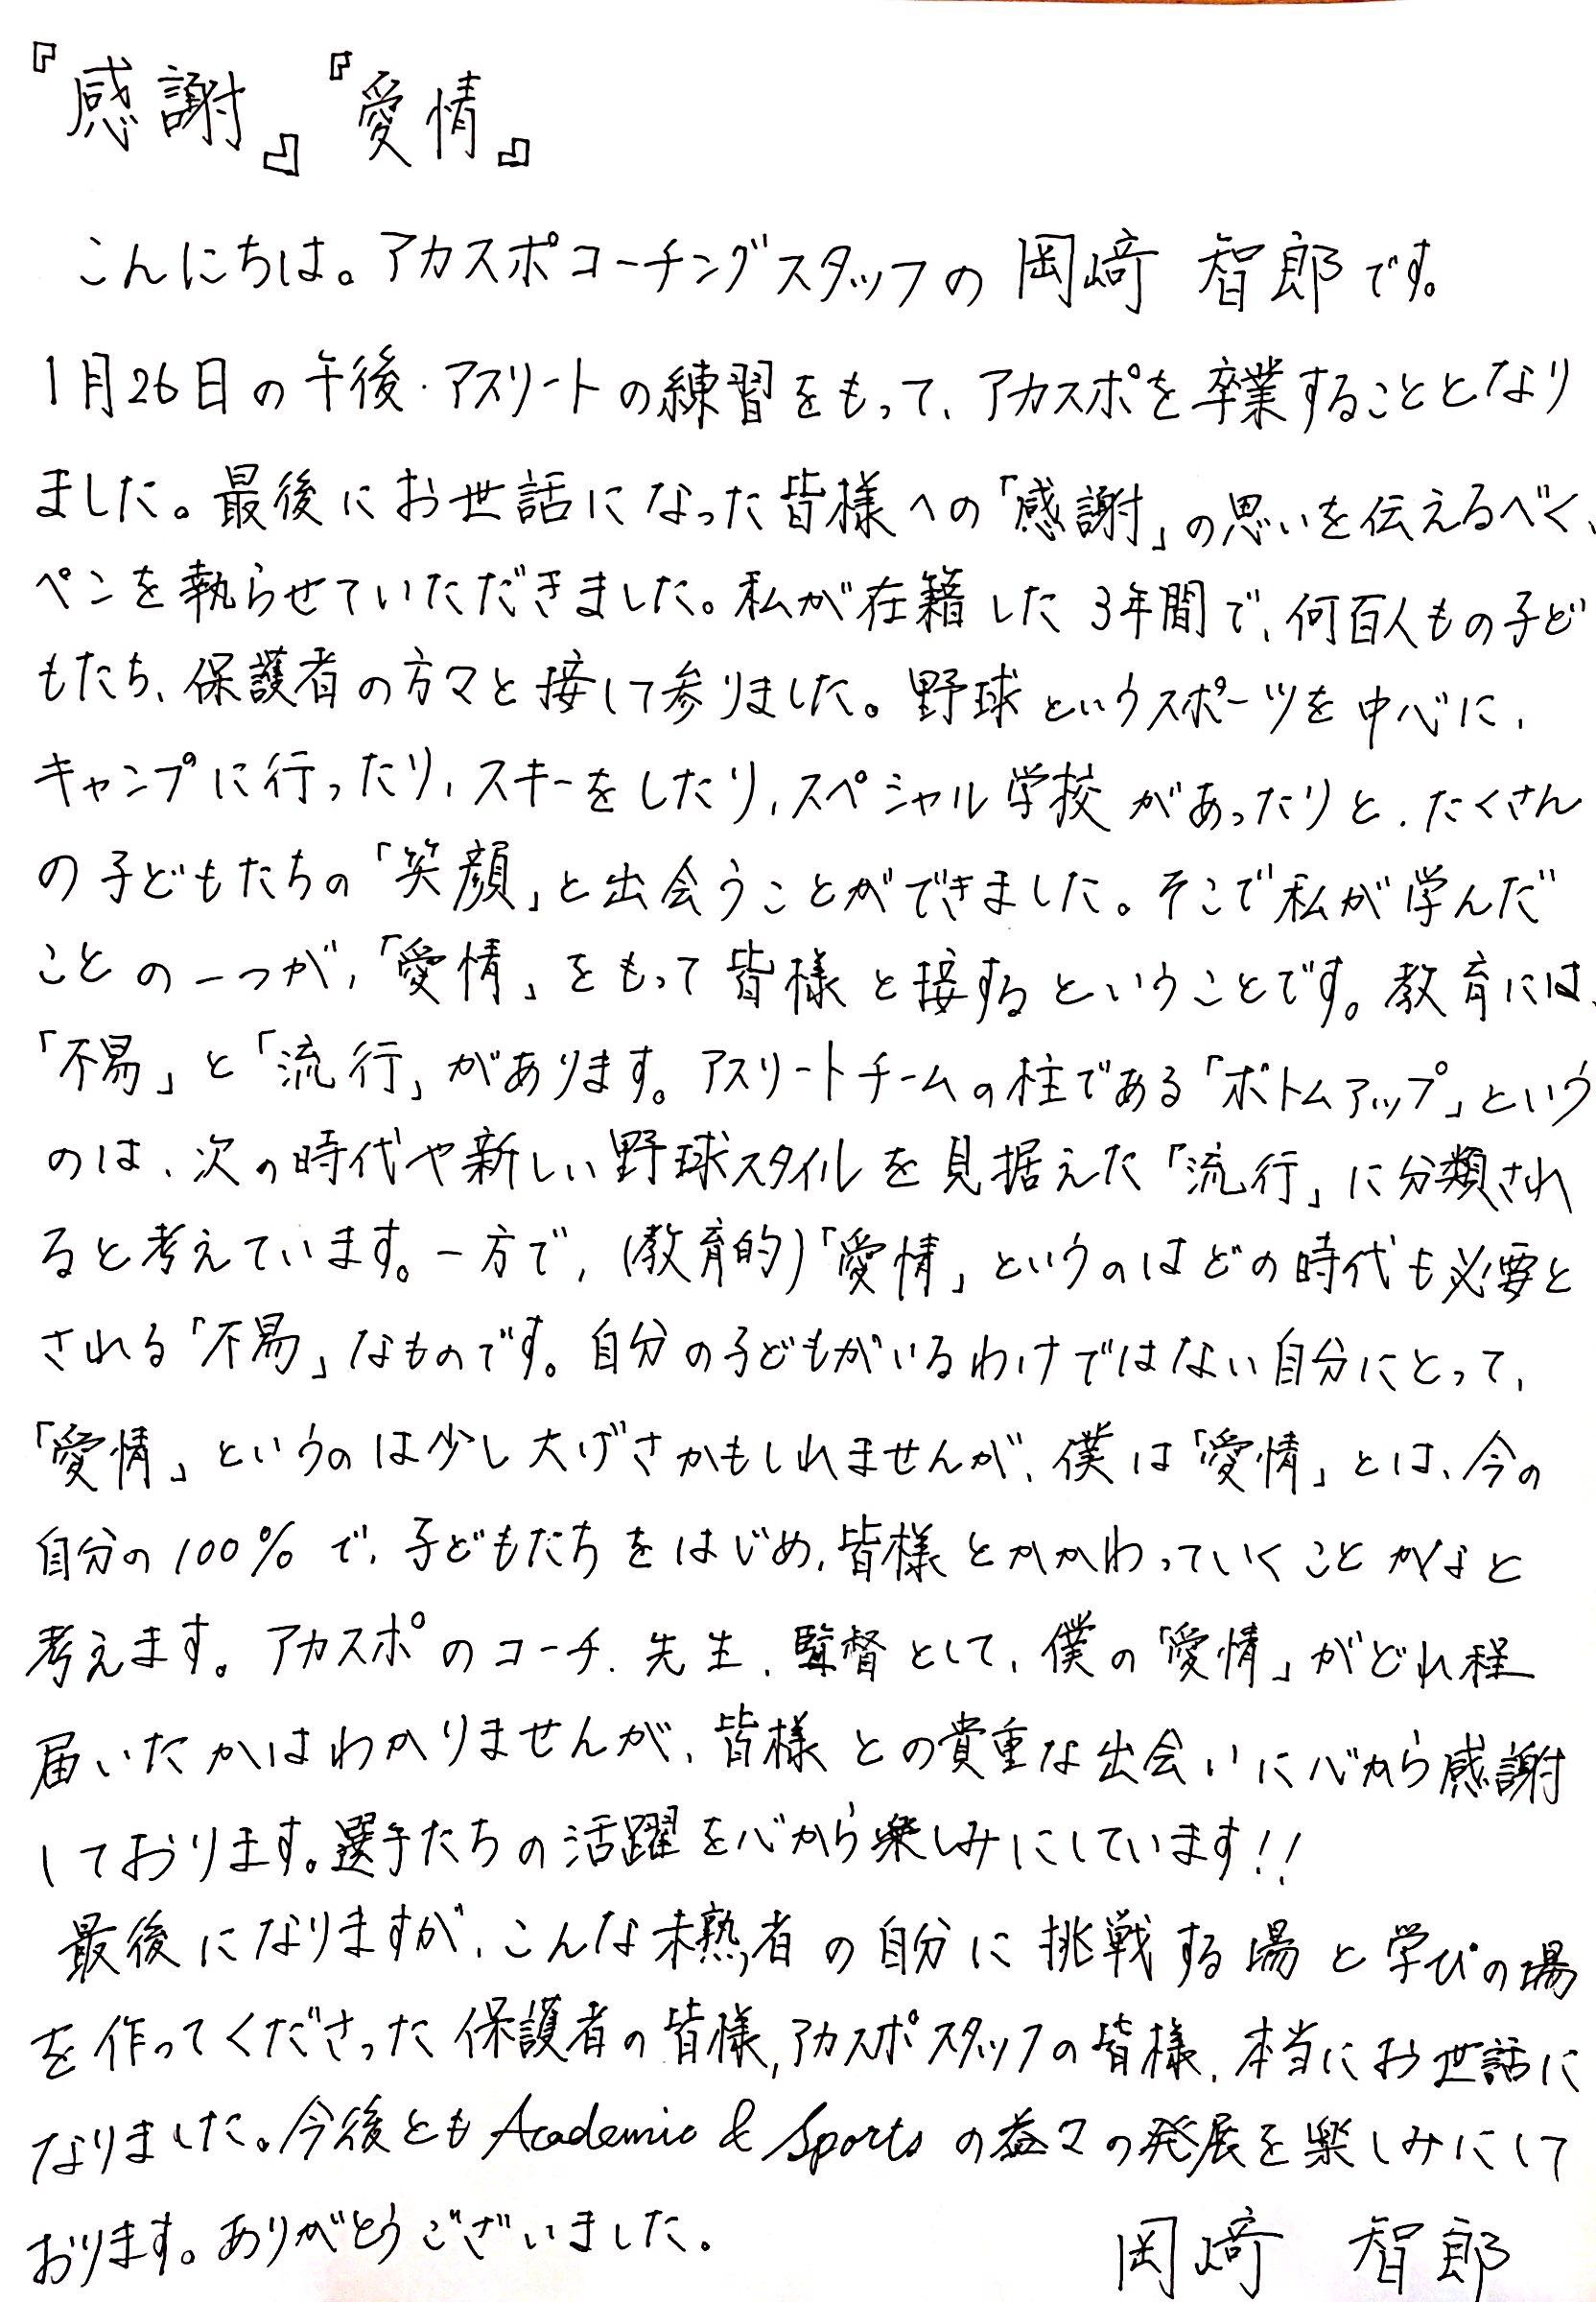 【岡崎監督退任あいさつ】